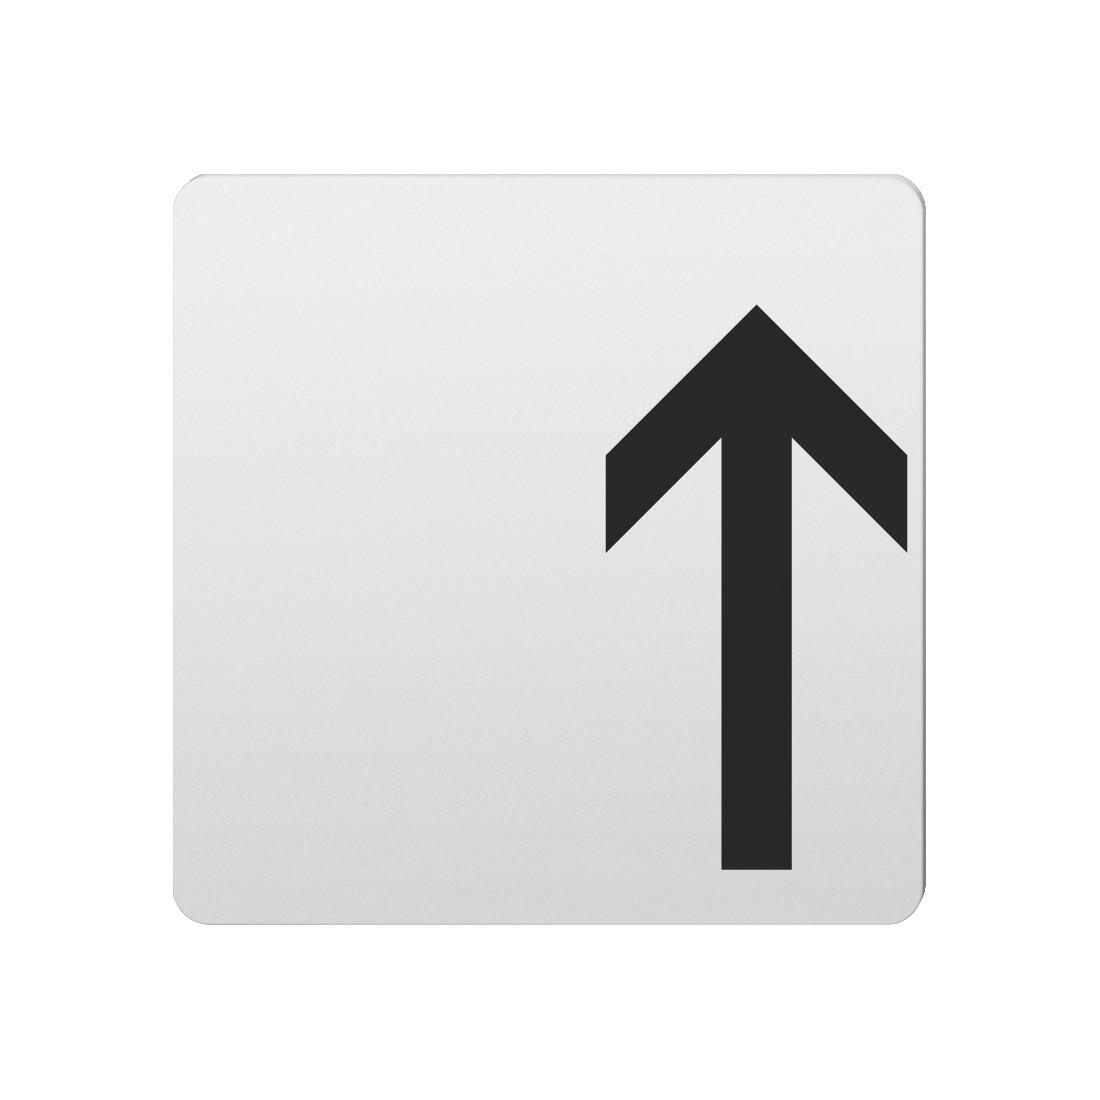 FSB Hinweiszeichen Pfeil nach oben Lasergraviert Aluminium naturfarbig (0 36 4059 00002 0105)